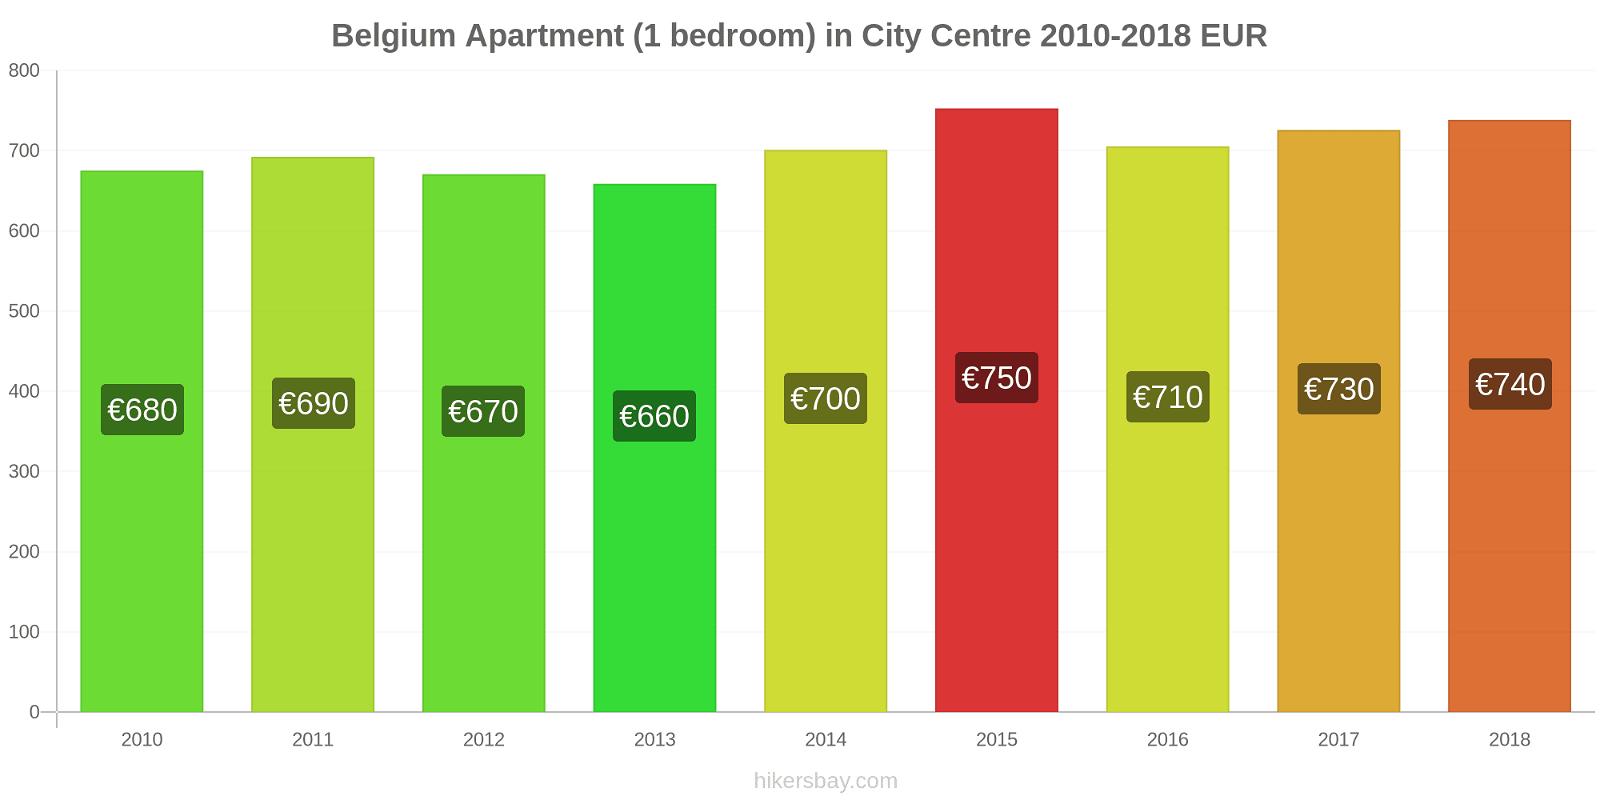 Belgium price changes Apartment (1 bedroom) in City Centre hikersbay.com